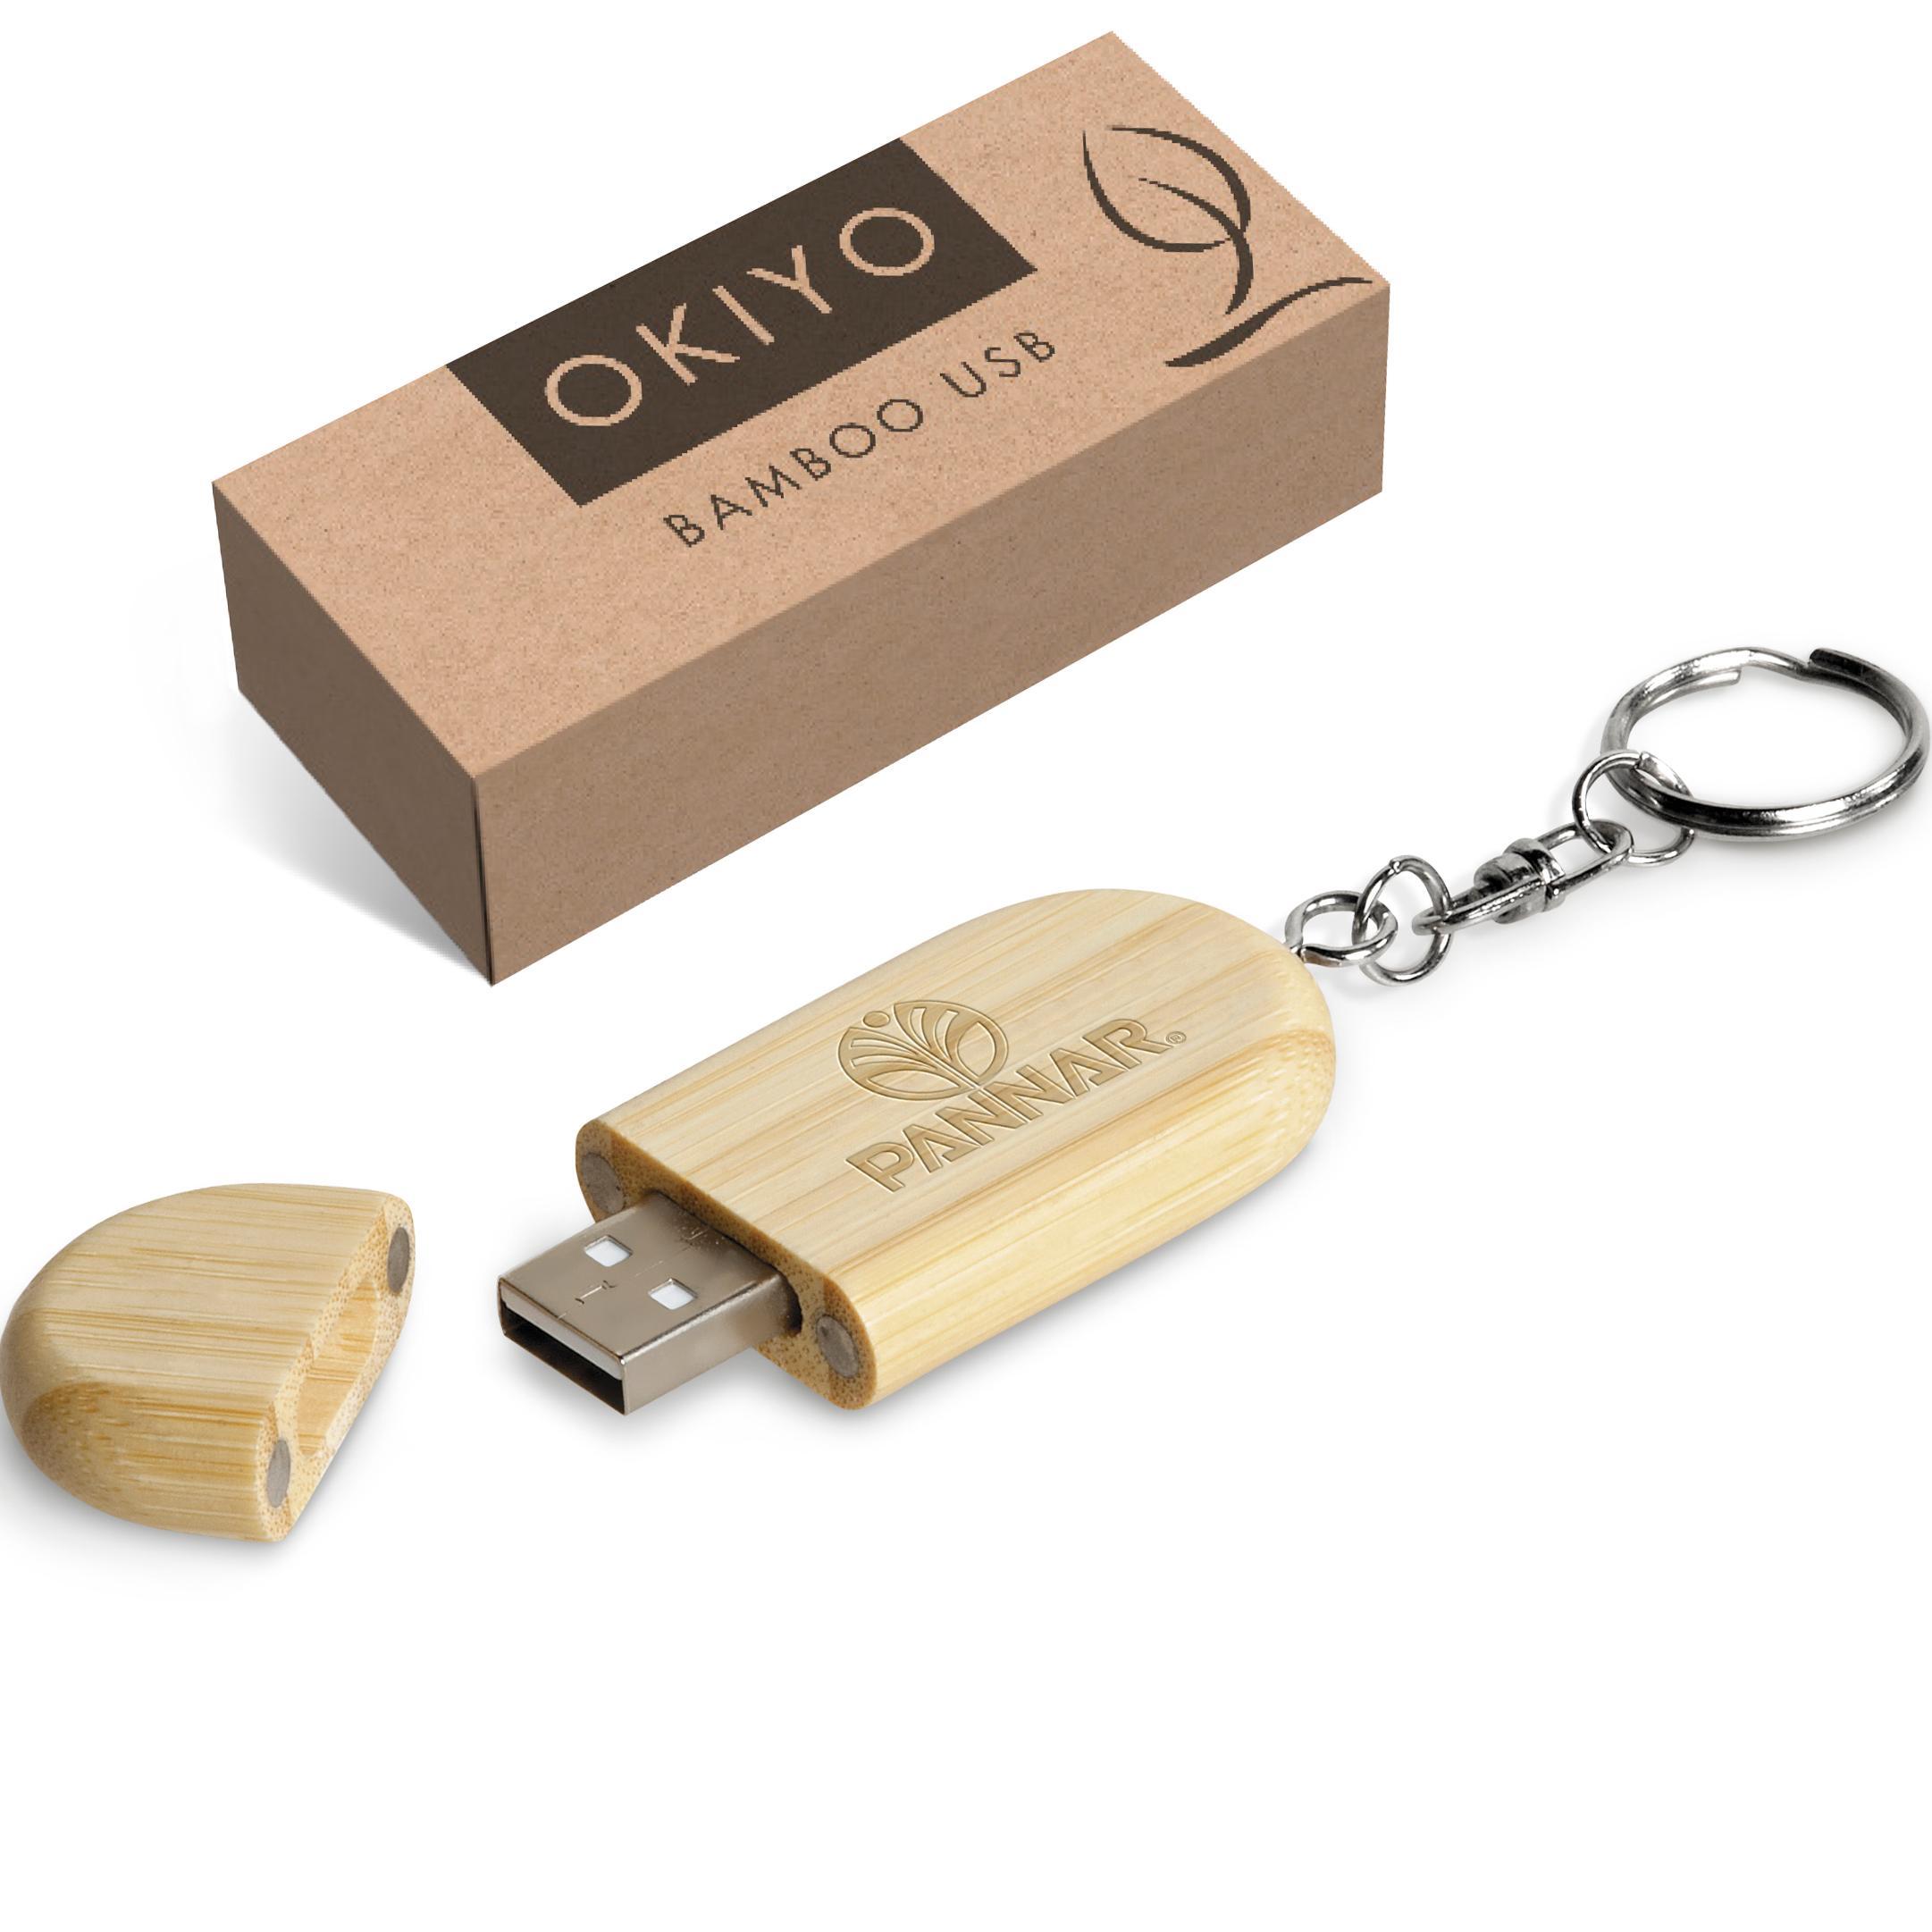 Okiyo Benkyou Bamboo Memory Stick - 8gb